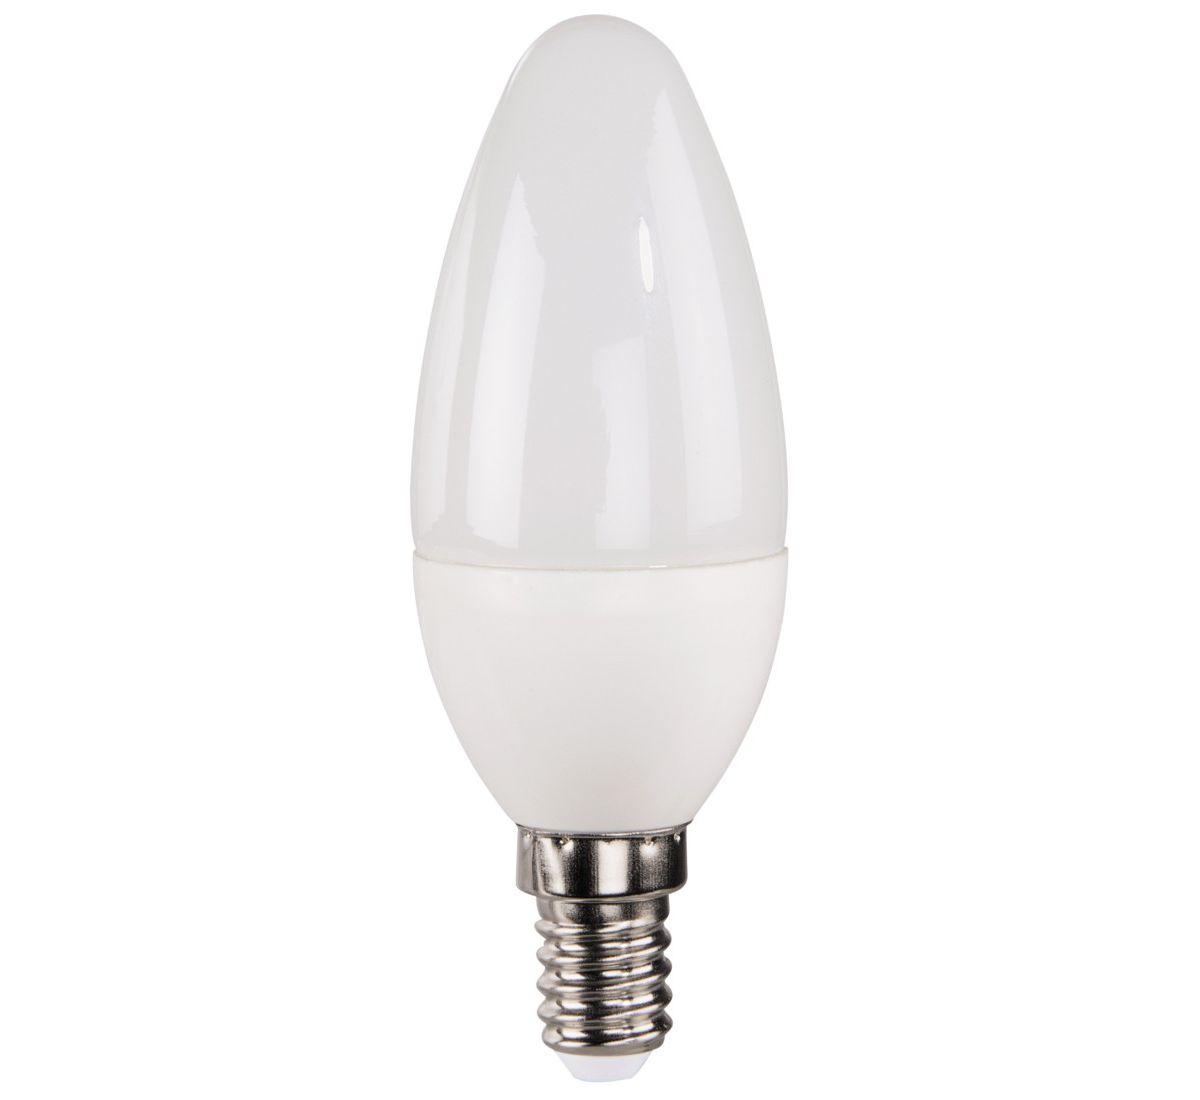 Xavax LED-Lampe, E14, 250lm ersetzt 25W Kerzenl...